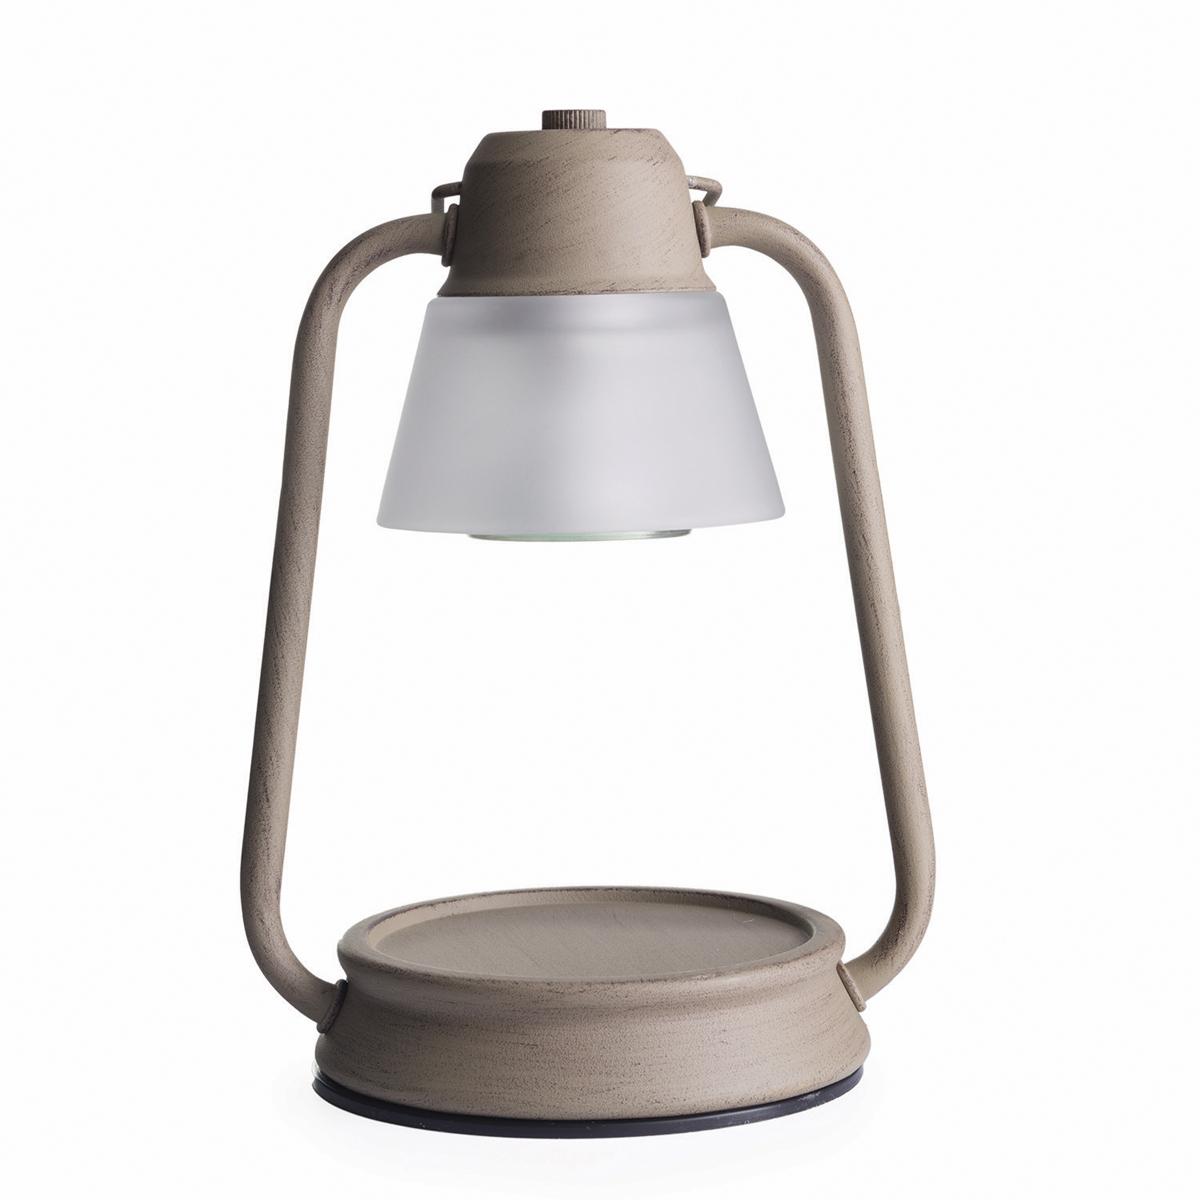 Представляем Вашему вниманию лаконичный дизайн и узнаваемый стиль ламп и фонарей от Candle Warmers в современном и классическом стиле.  Используйте их для освещения комнаты, декора, а также для ароматизации помещения. Поместите под лампу свечу нужного размера, и наслаждайтесь любимым ароматом без зажигания свечи.  Прекрасно подойдёт для безопасного использования без применения огня .Электрический маяк фонарь-винтажный серый. При ослаблении аромата , жидкий воск можно вылить, и свеча зазвучит по новому.  Подойдёт диаметр свечи 10 см, высота 8,5 см. Свеча на фото не поставляется в комплекте с лампой.